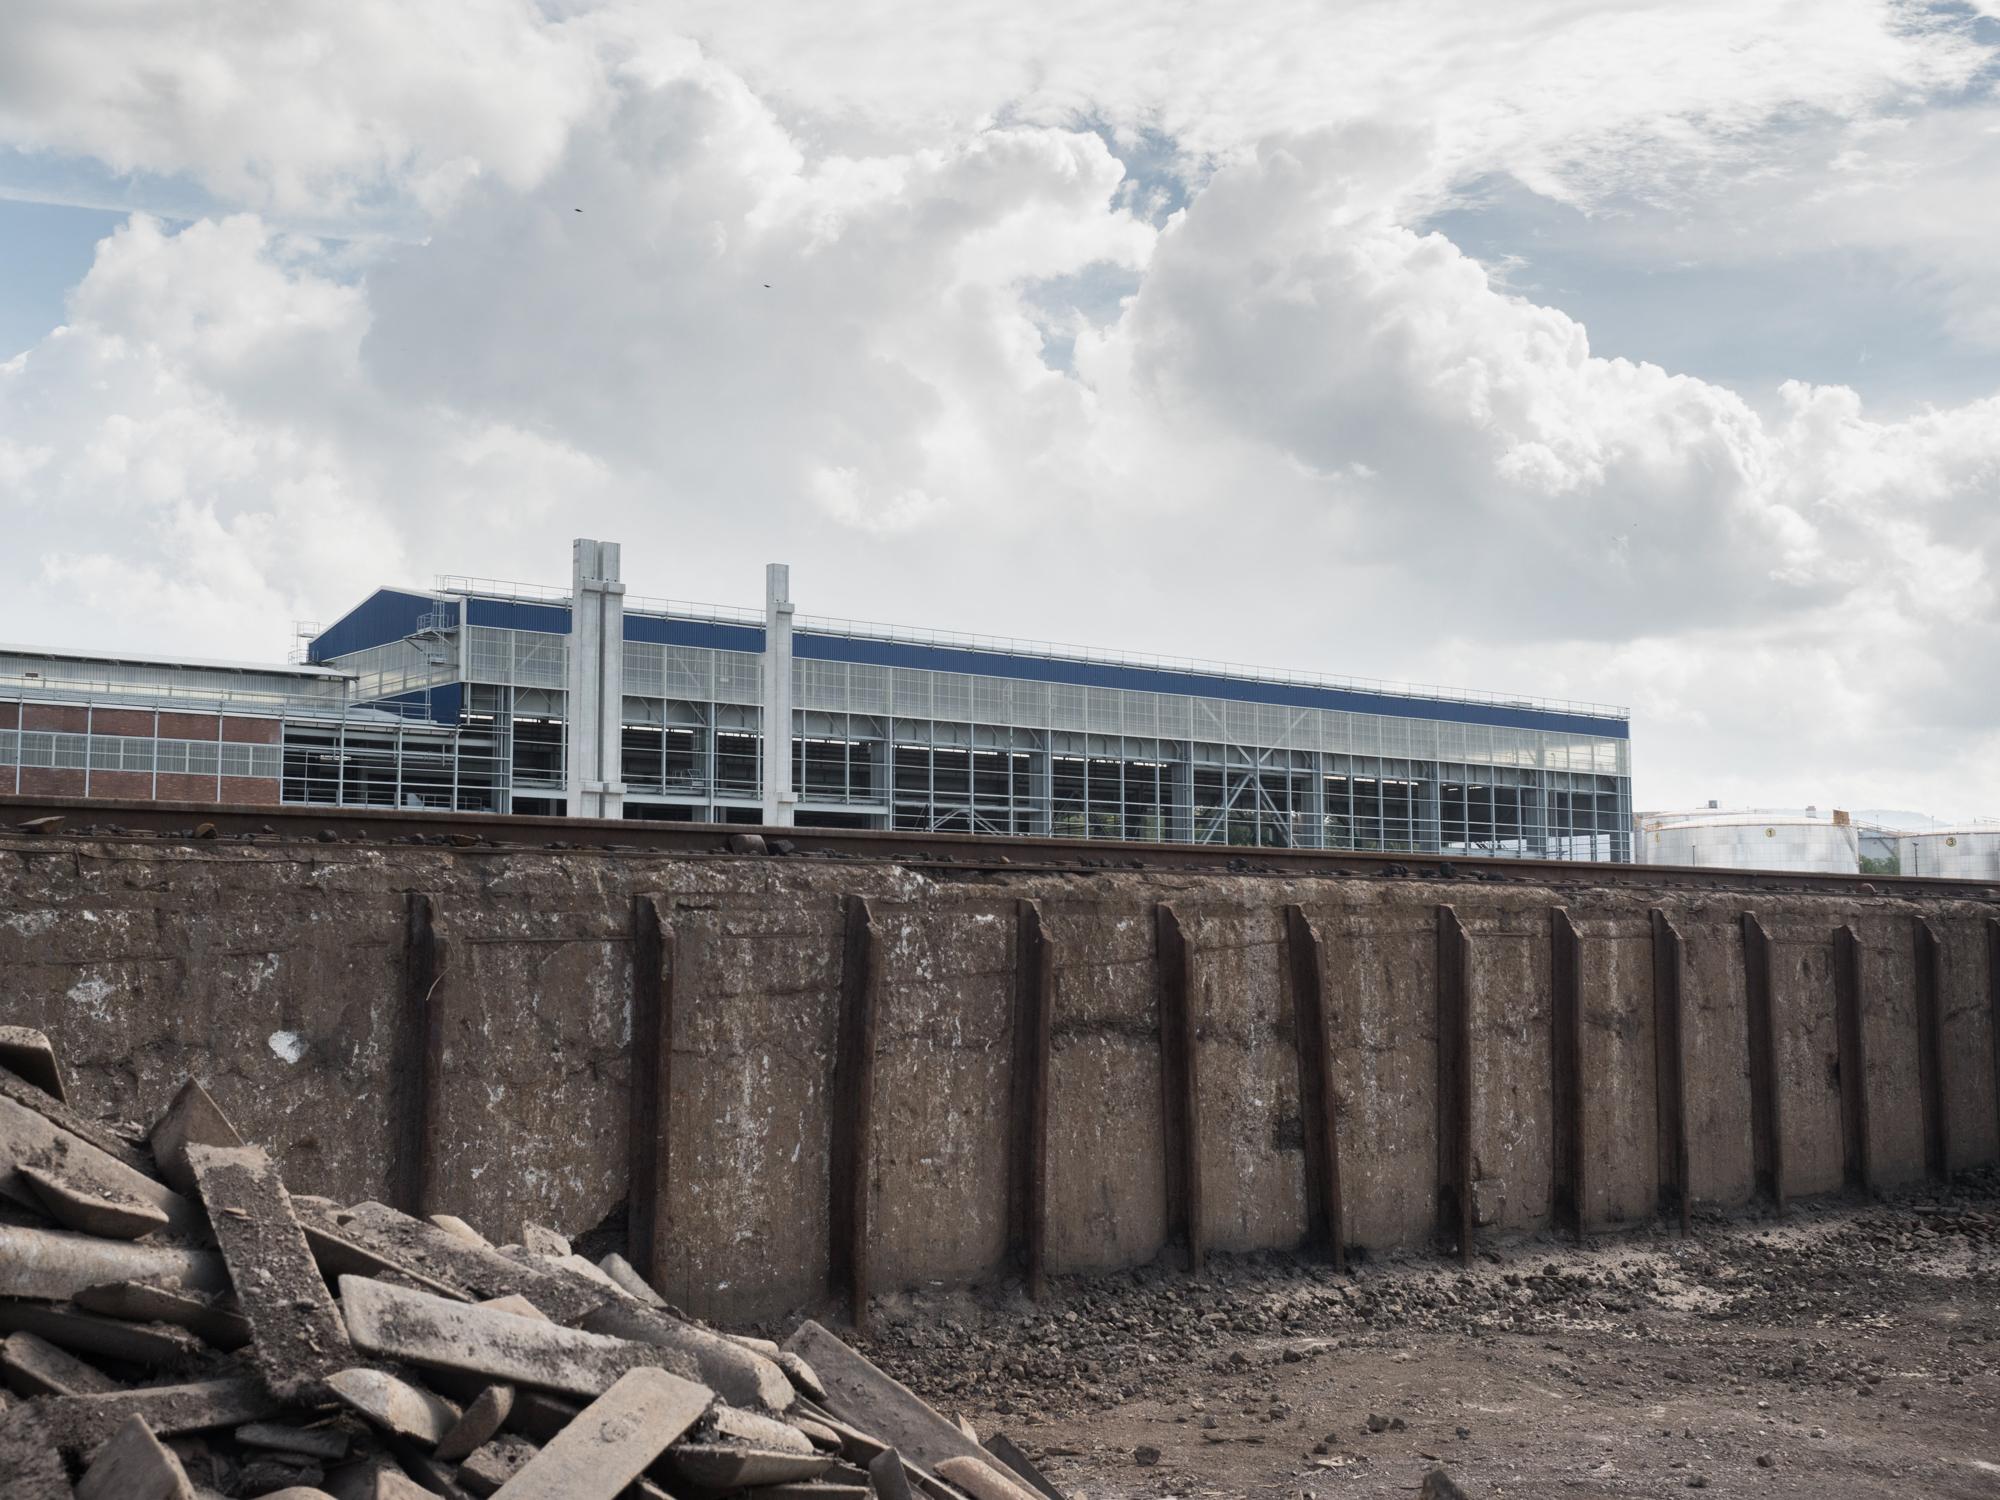 Il nuovo laminatoio a freddo dell'impianto siderurgico della Ferriera di Servola sarà operativo dal 2016 con un investimento complessivo di 170 milioni di euro, Trieste 2015.